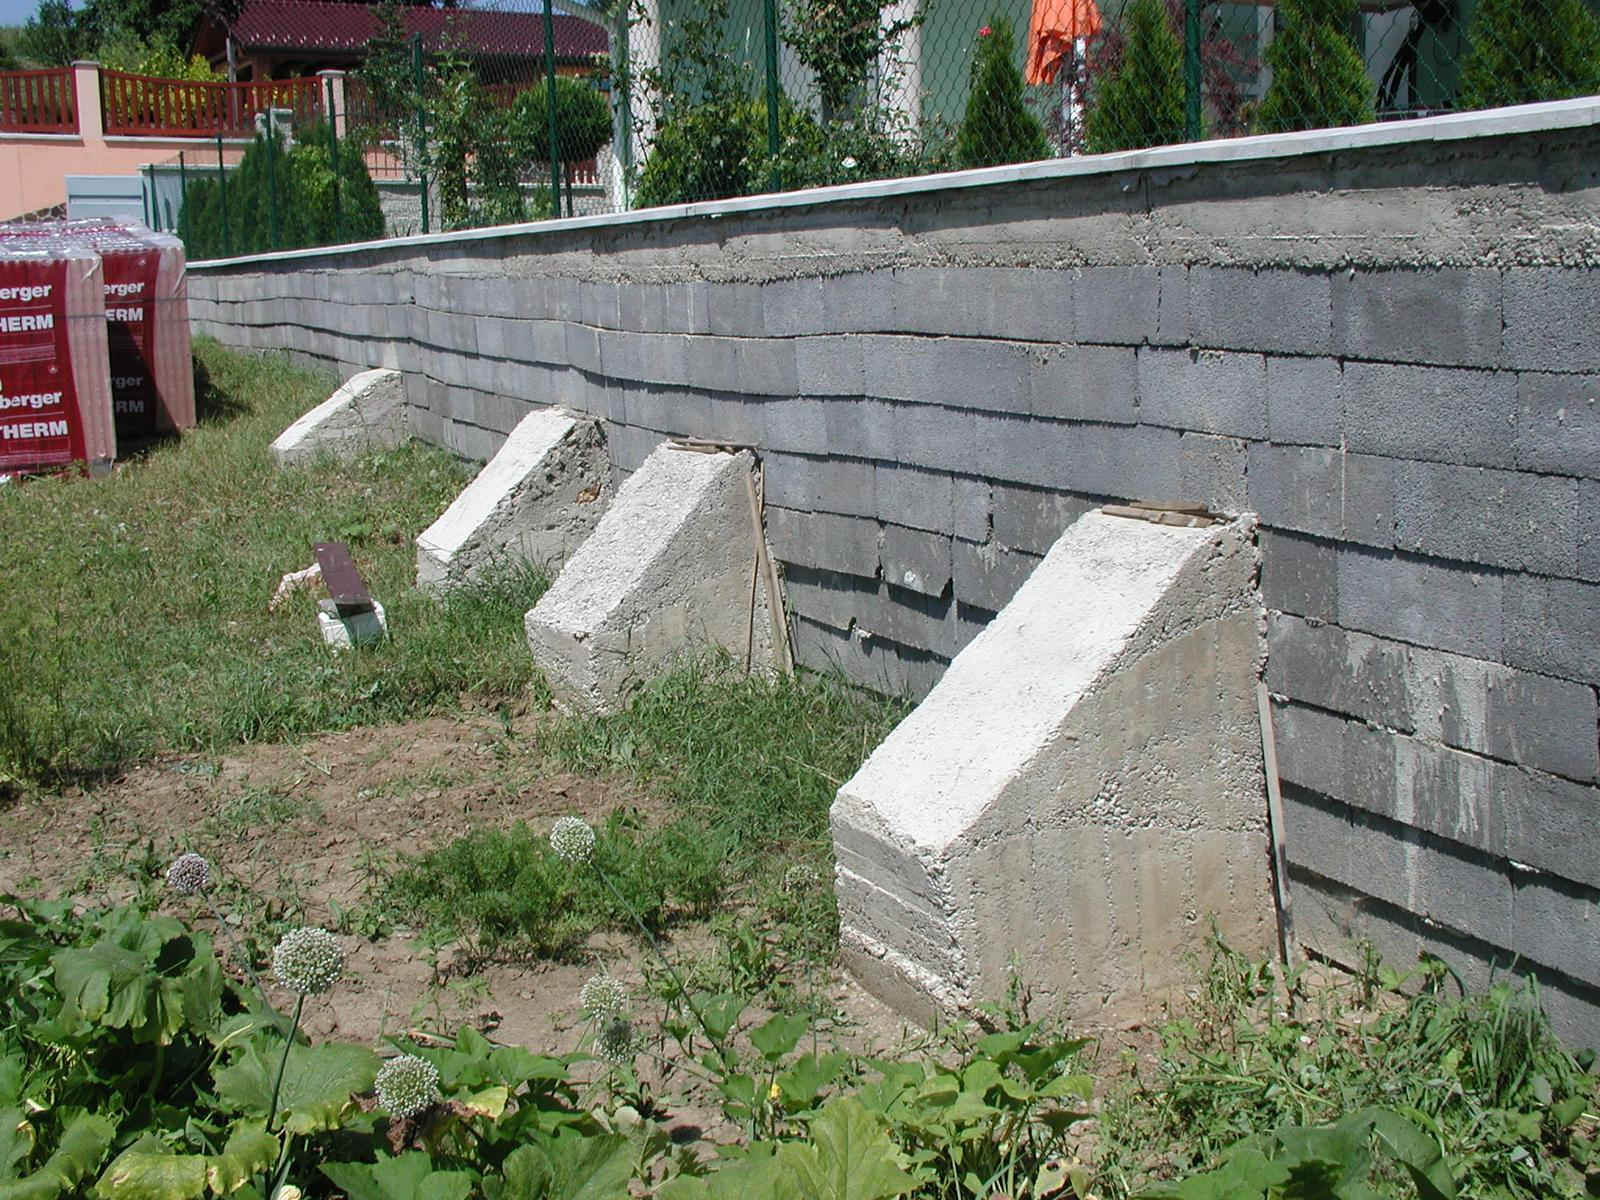 03 Poruchy a havárie oporných múrov. ( doplnené 12.6.2020 ) - 011...Nevkusné sanovanie zle navrhnutého oporného múru z debniacich tvárnic